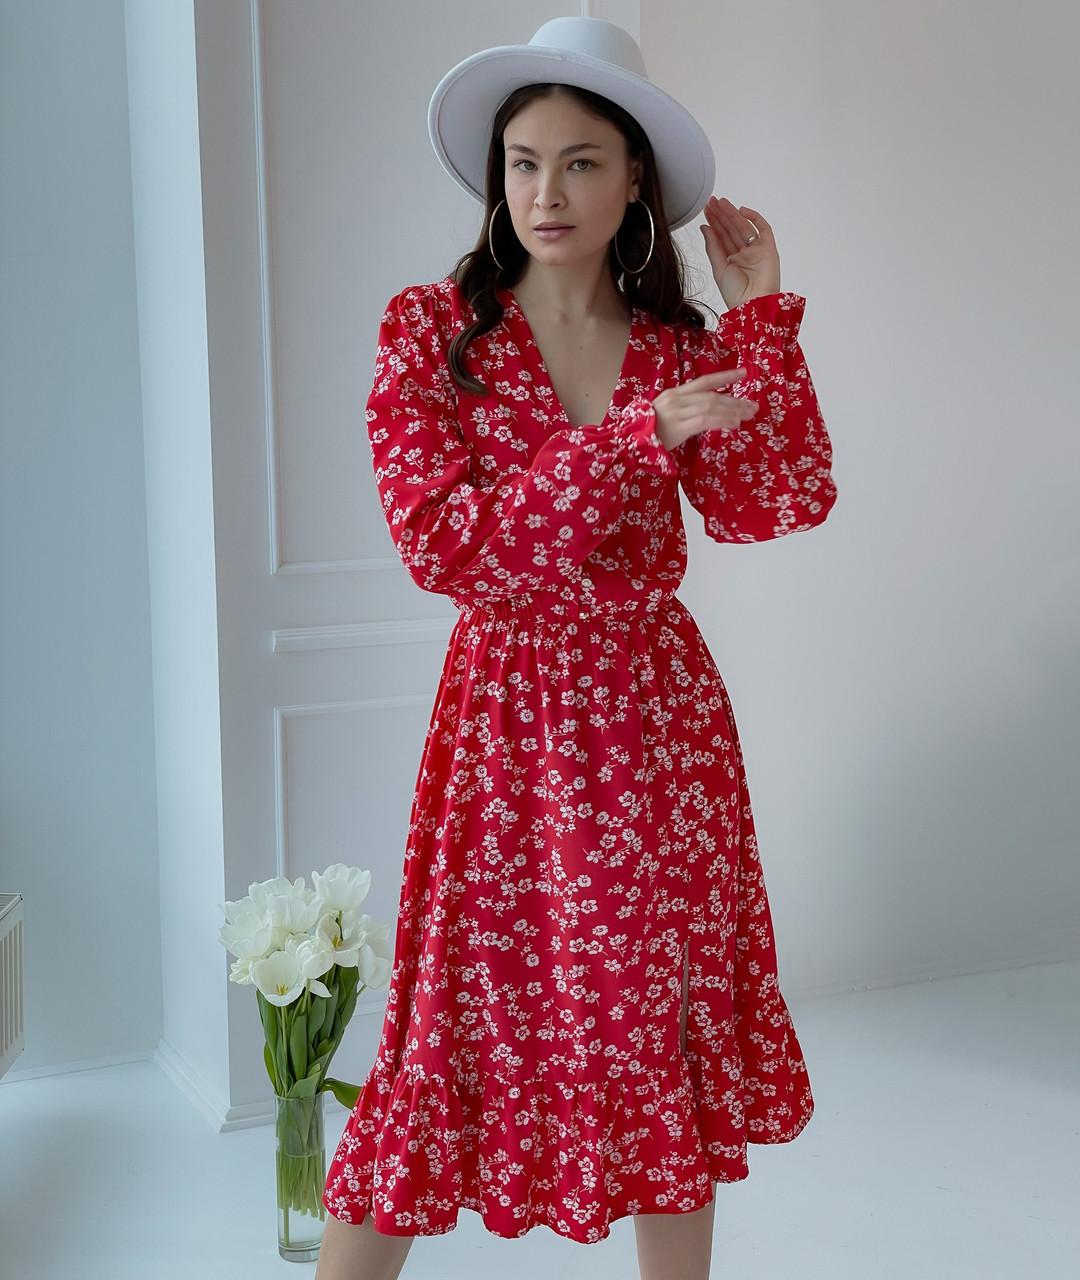 Элегантное платье длины миди в цветочек с воланом